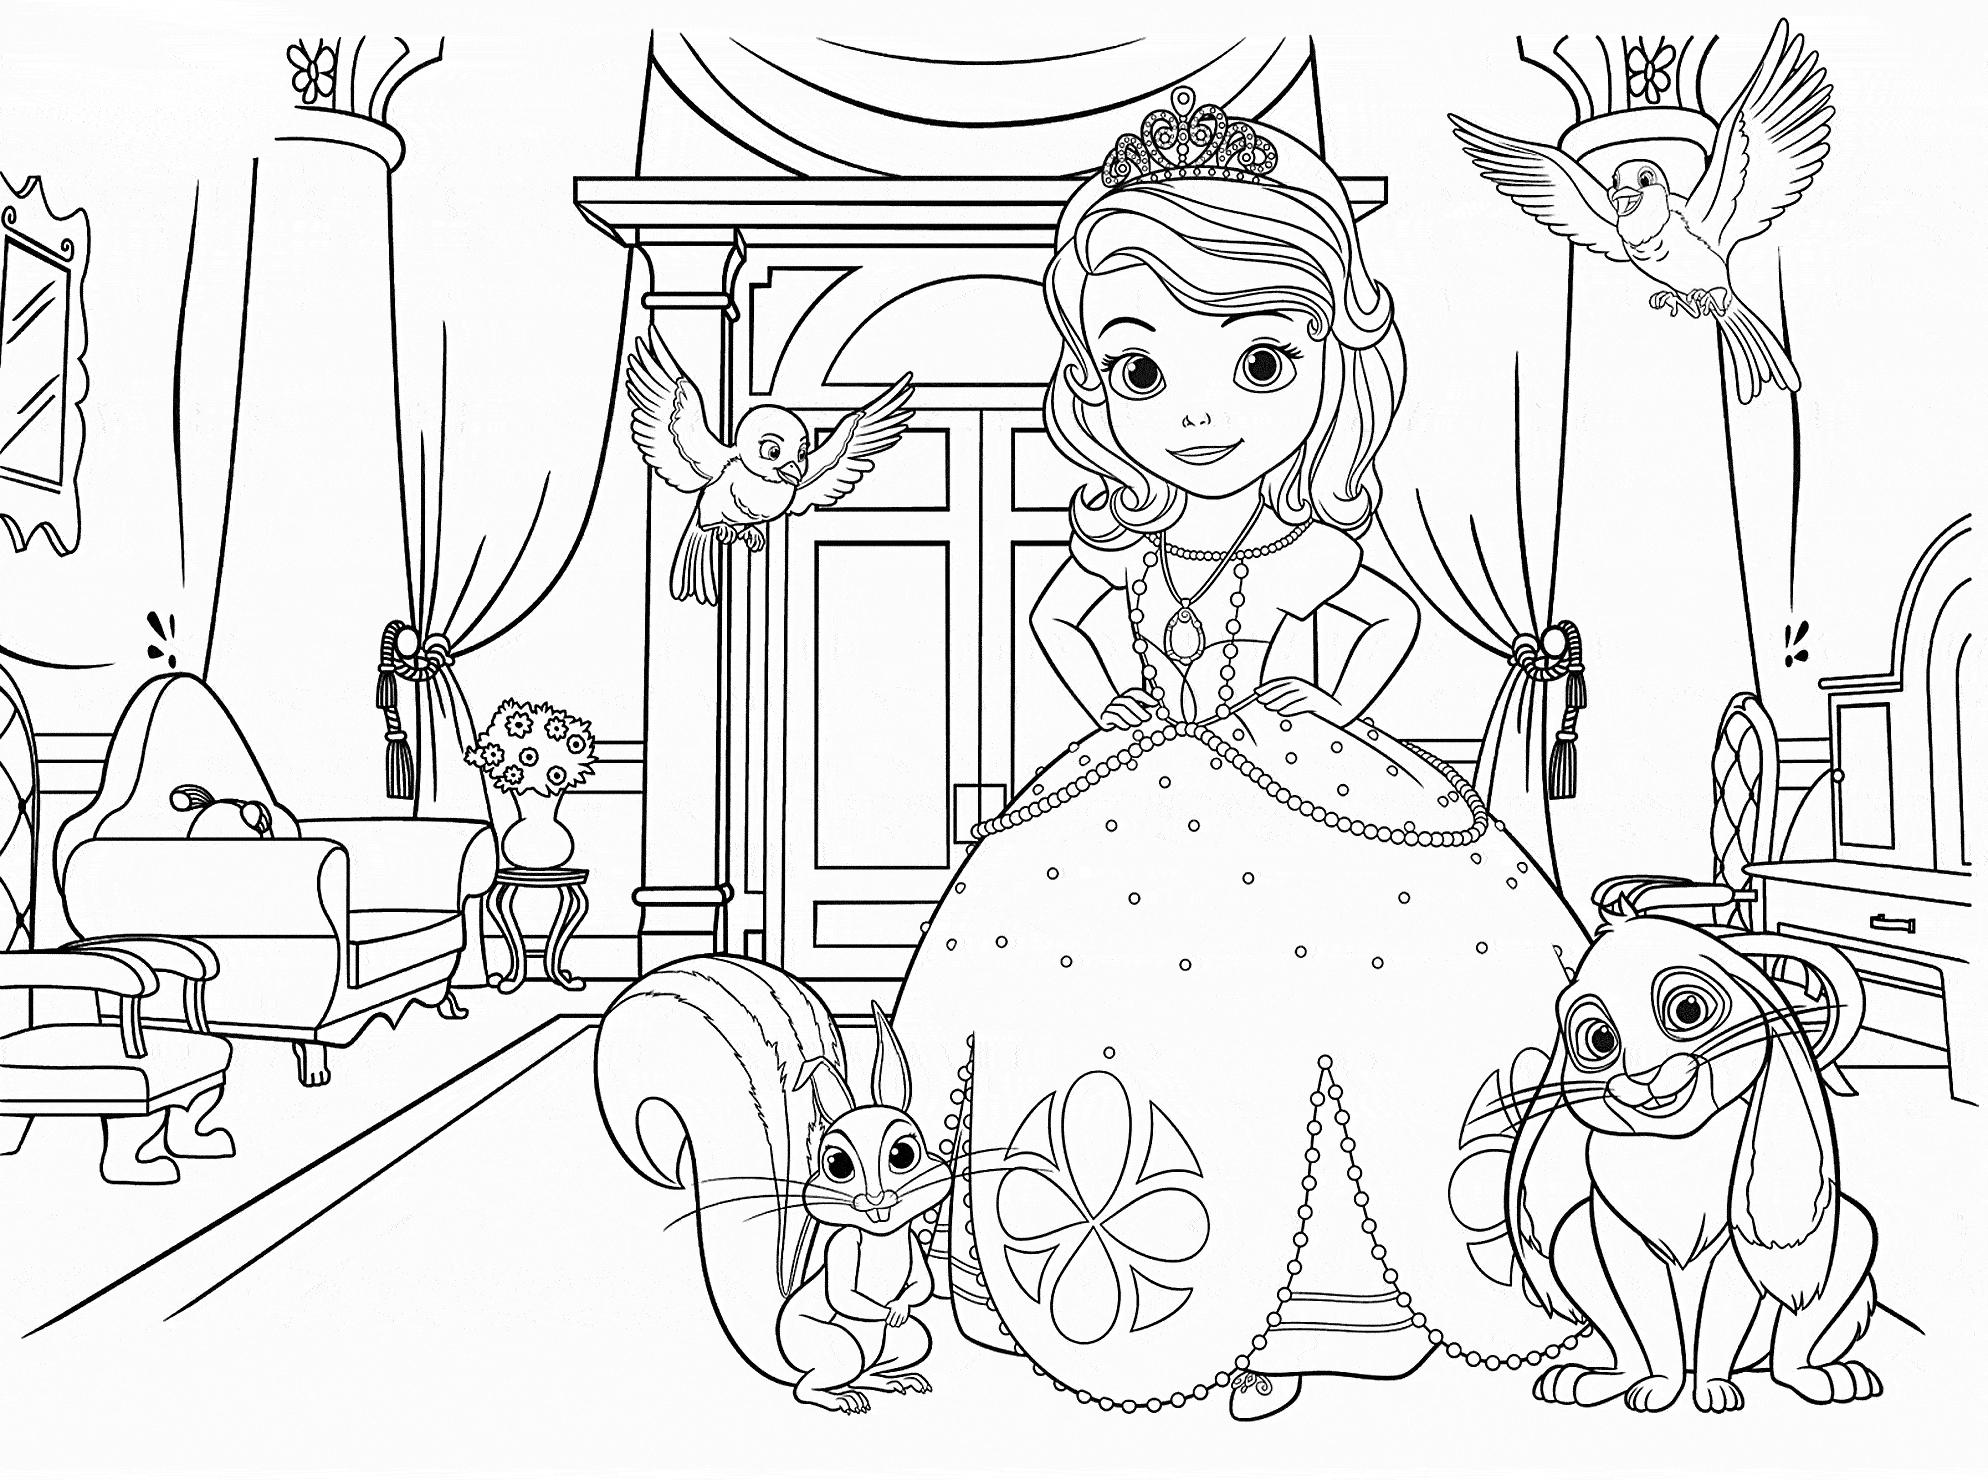 Pintar Dibujos De Princesas. Dibujos Para Colorear De Personas ...